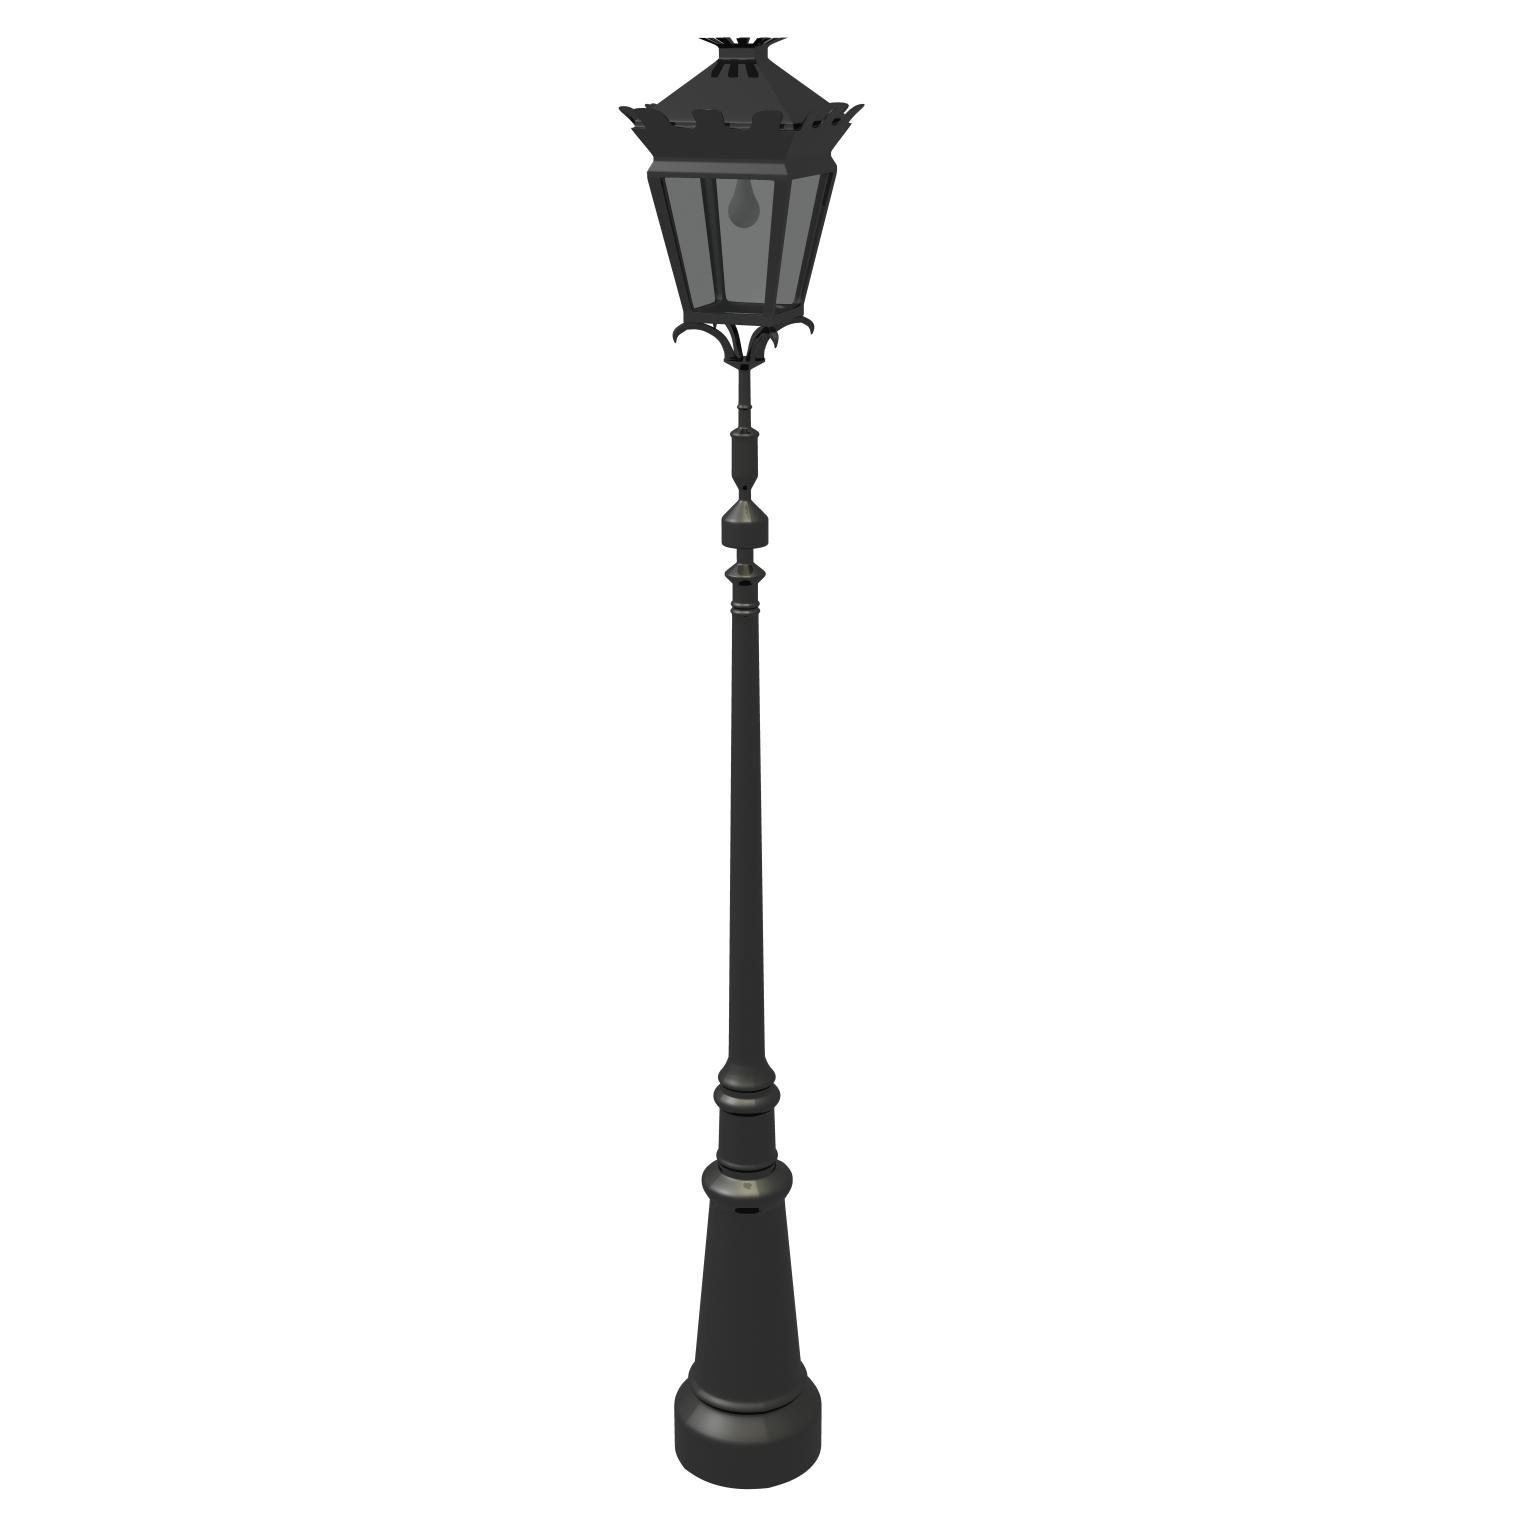 küçə lampası 3d model ma mb obj 119122